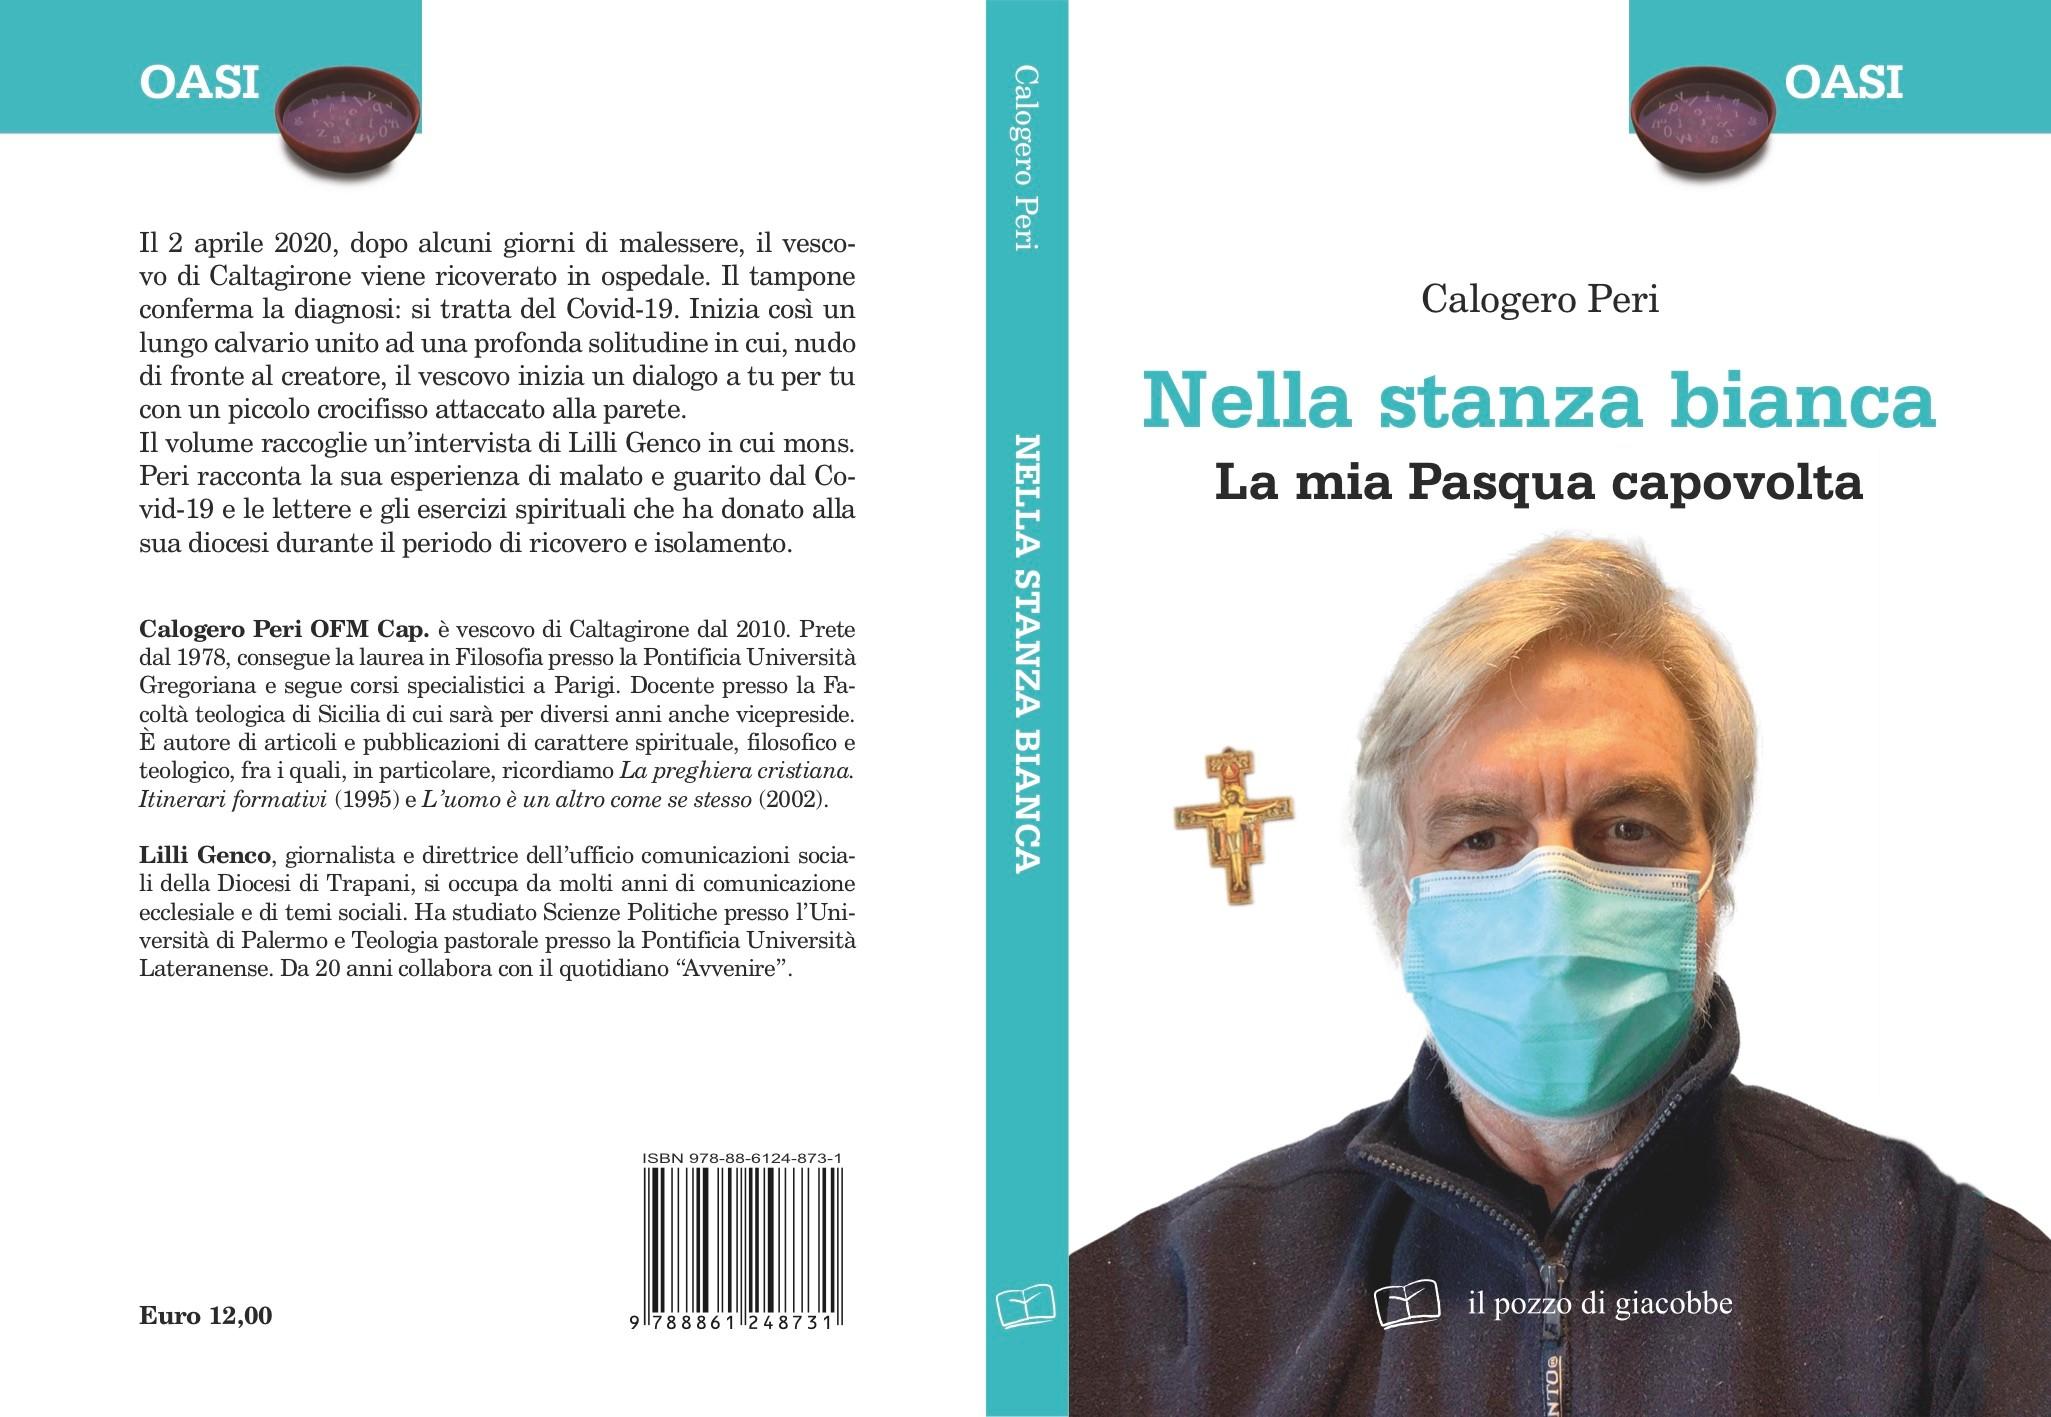 """Caltagirone, In libreria """"Nella stanza bianca"""" il vescovo Calogero Peri racconta la sua esperienza con il Covid-19"""